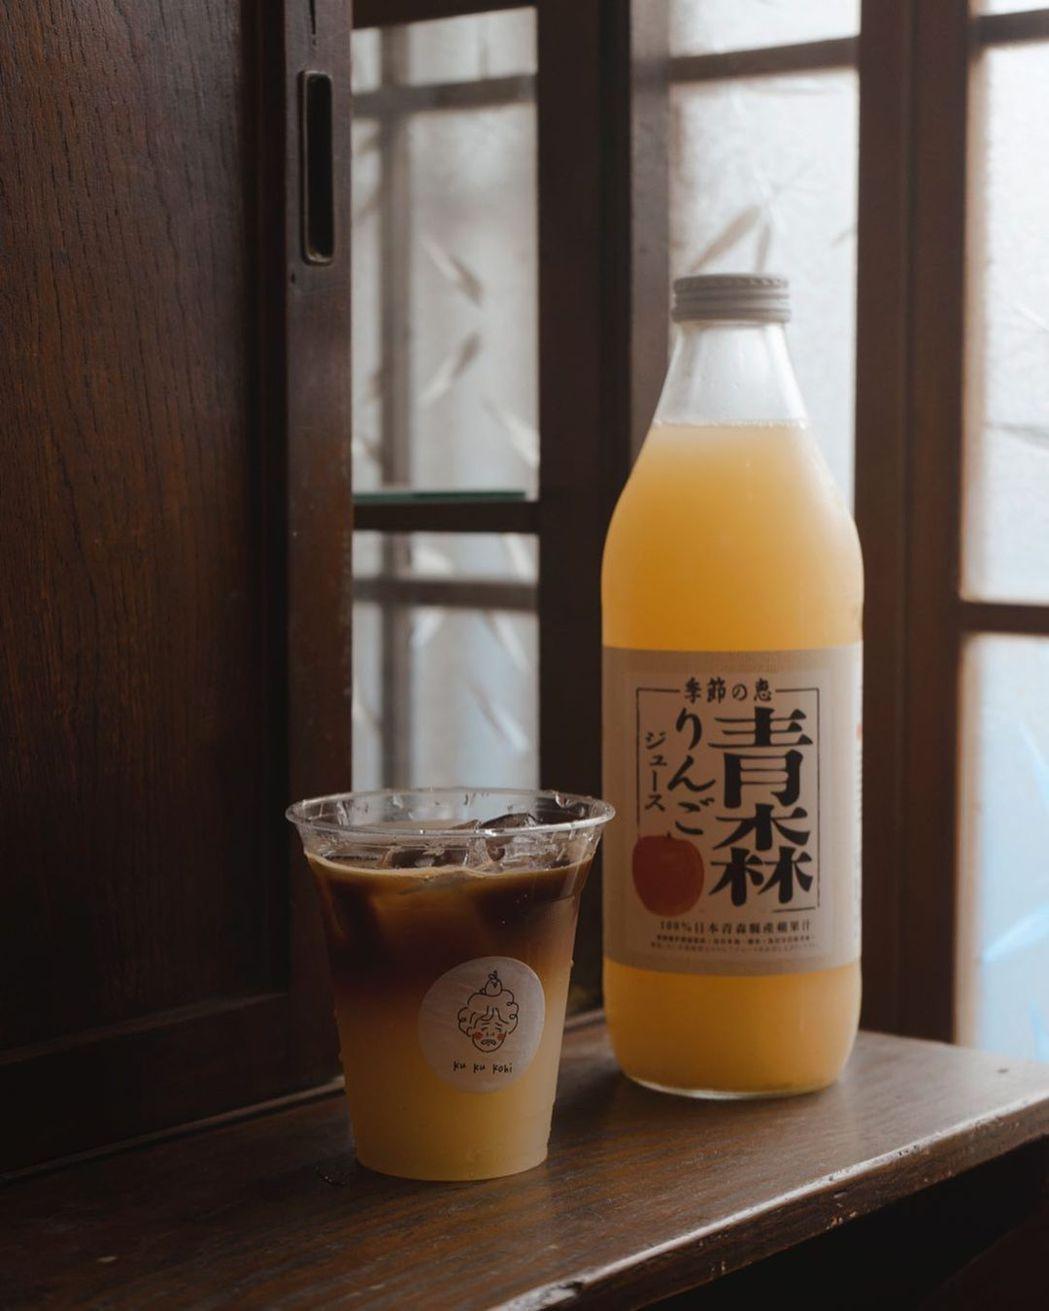 冰咖啡加入青森蘋果汁,沖淡苦味帶來甘甜。圖/Kukukohi哭哭咖啡